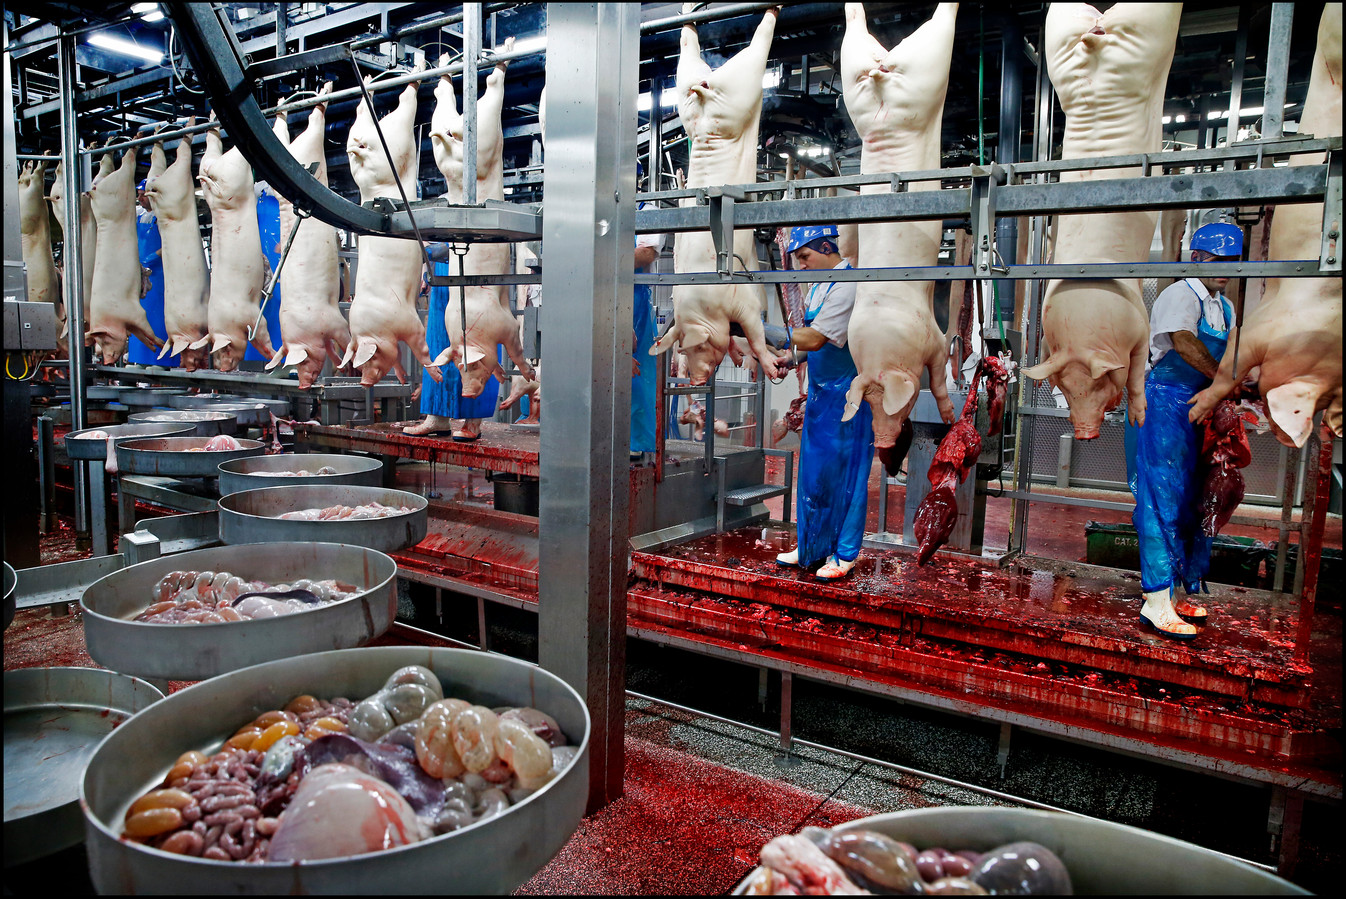 Archiefbeeld van een willekeurig slachthuis. De gedode varkens worden gereed gemaakt voor productie terwijl de ingewanden in een bak voorbijkomen.